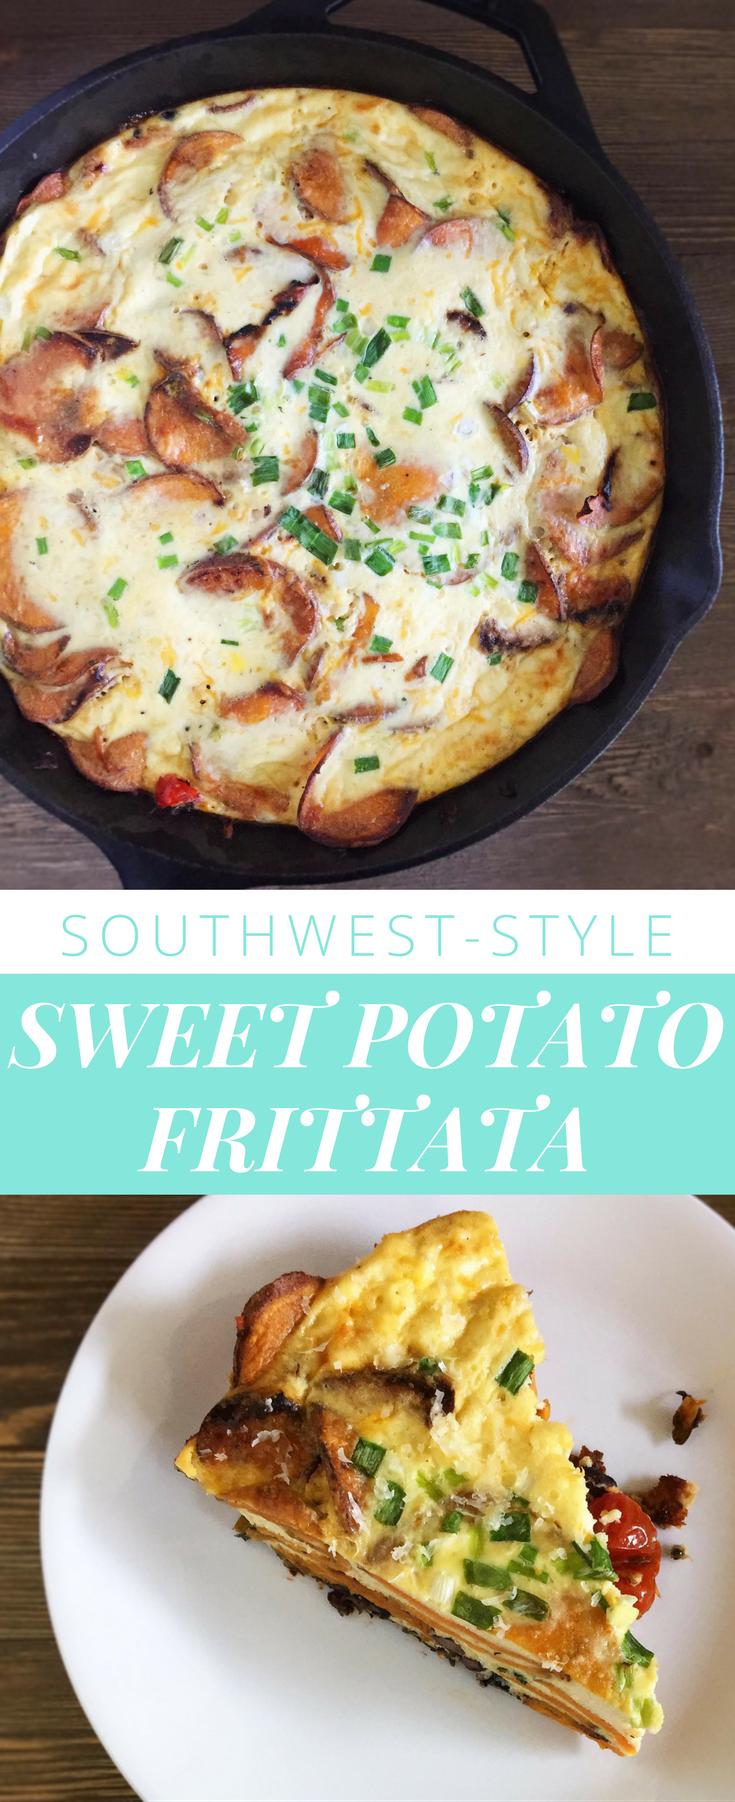 southwest-style-sweet-potato-frittata-pin6.png